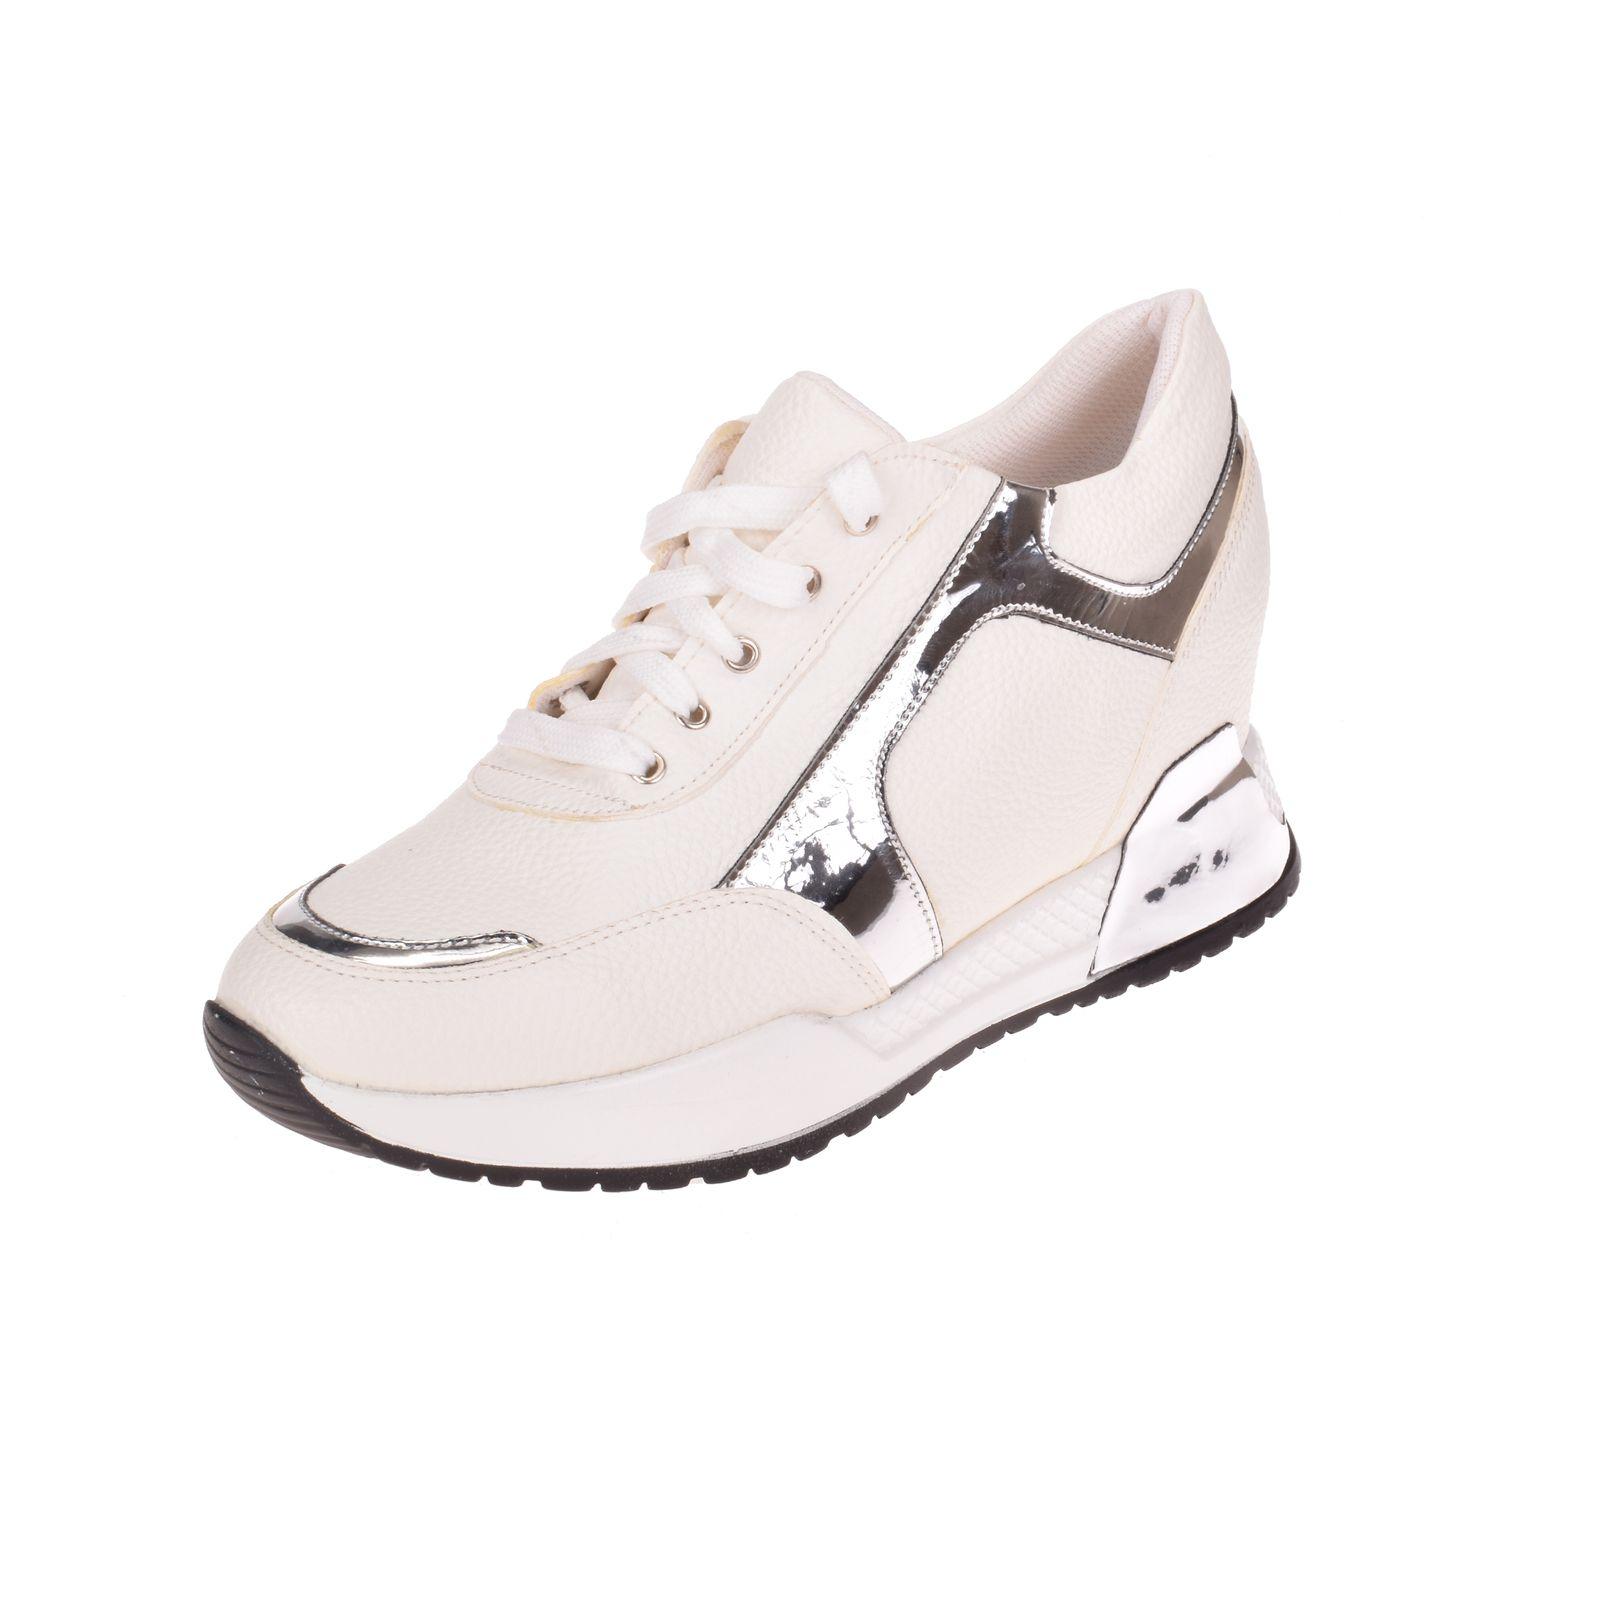 کفش روزمره زنانه مدل Floater-W -  - 2